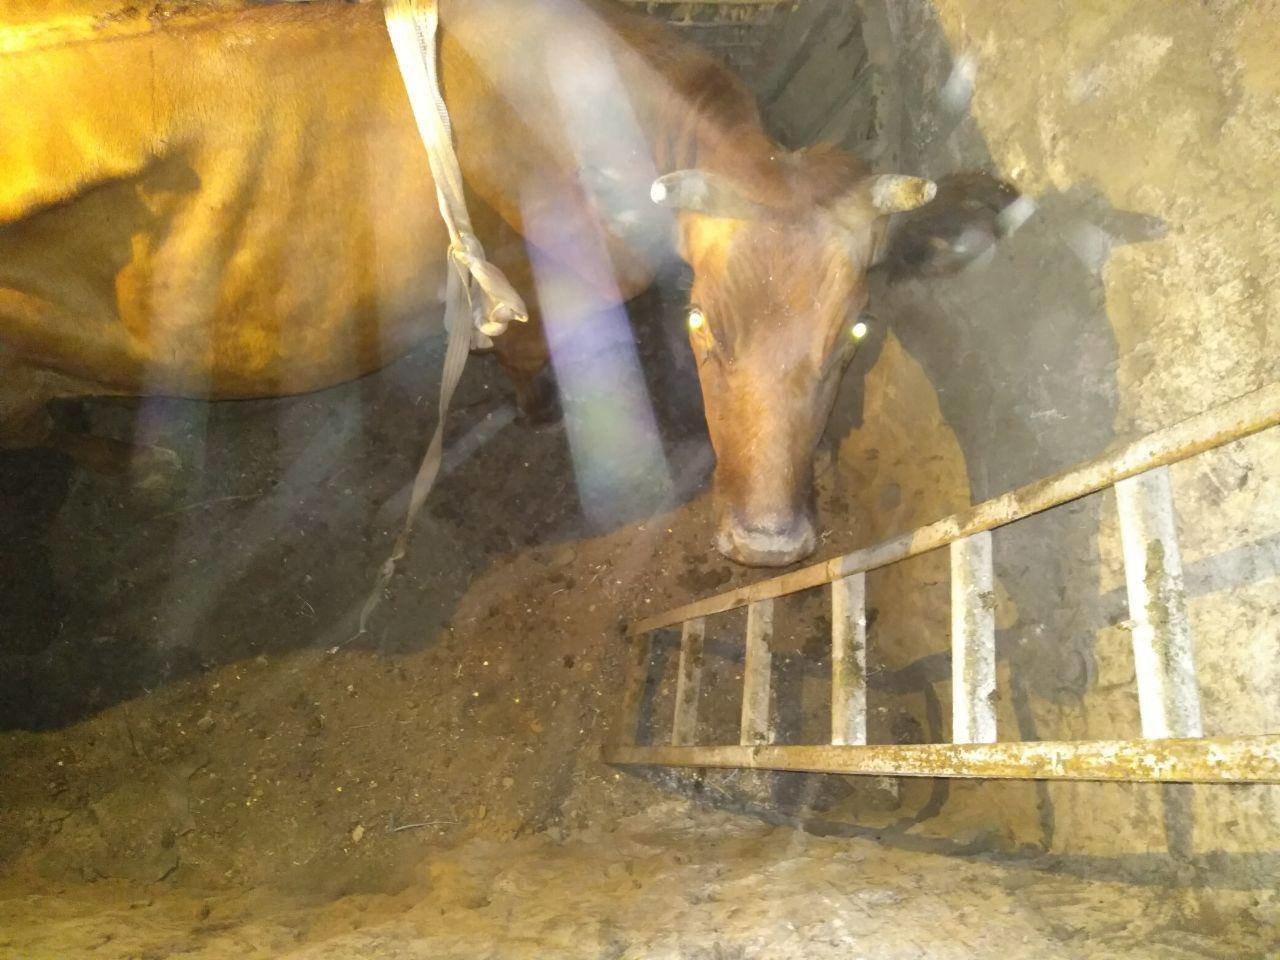 Под Запорожьем спасатели доставали из подвала корову: понадобился кран, - ФОТО, фото-2